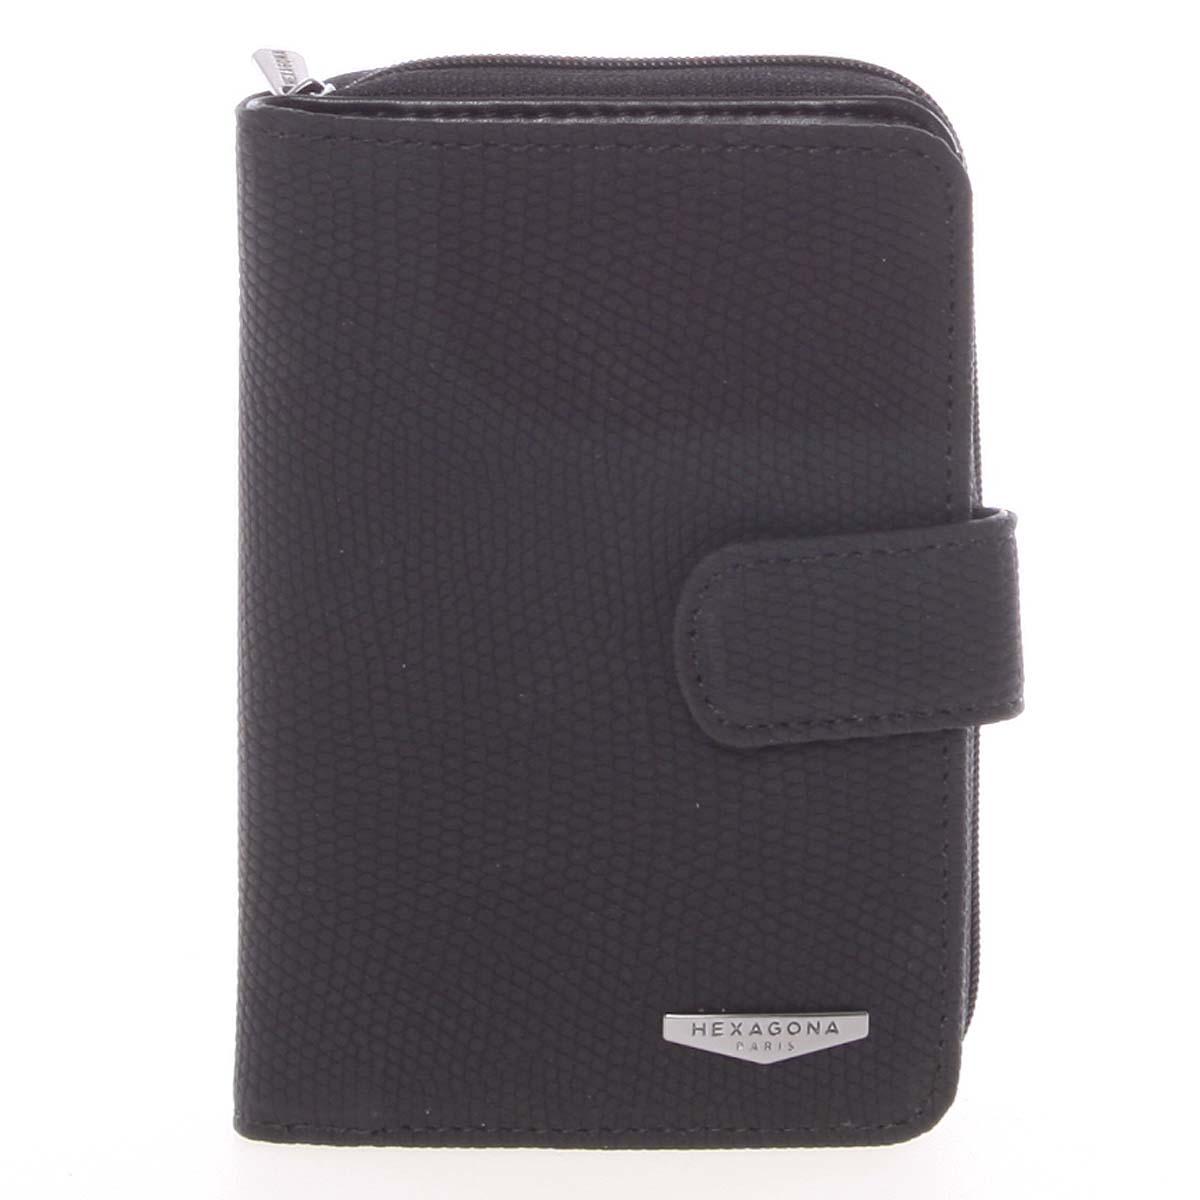 Originální dámská dvoudílná černá peněženka - HEXAGONA Reezzi